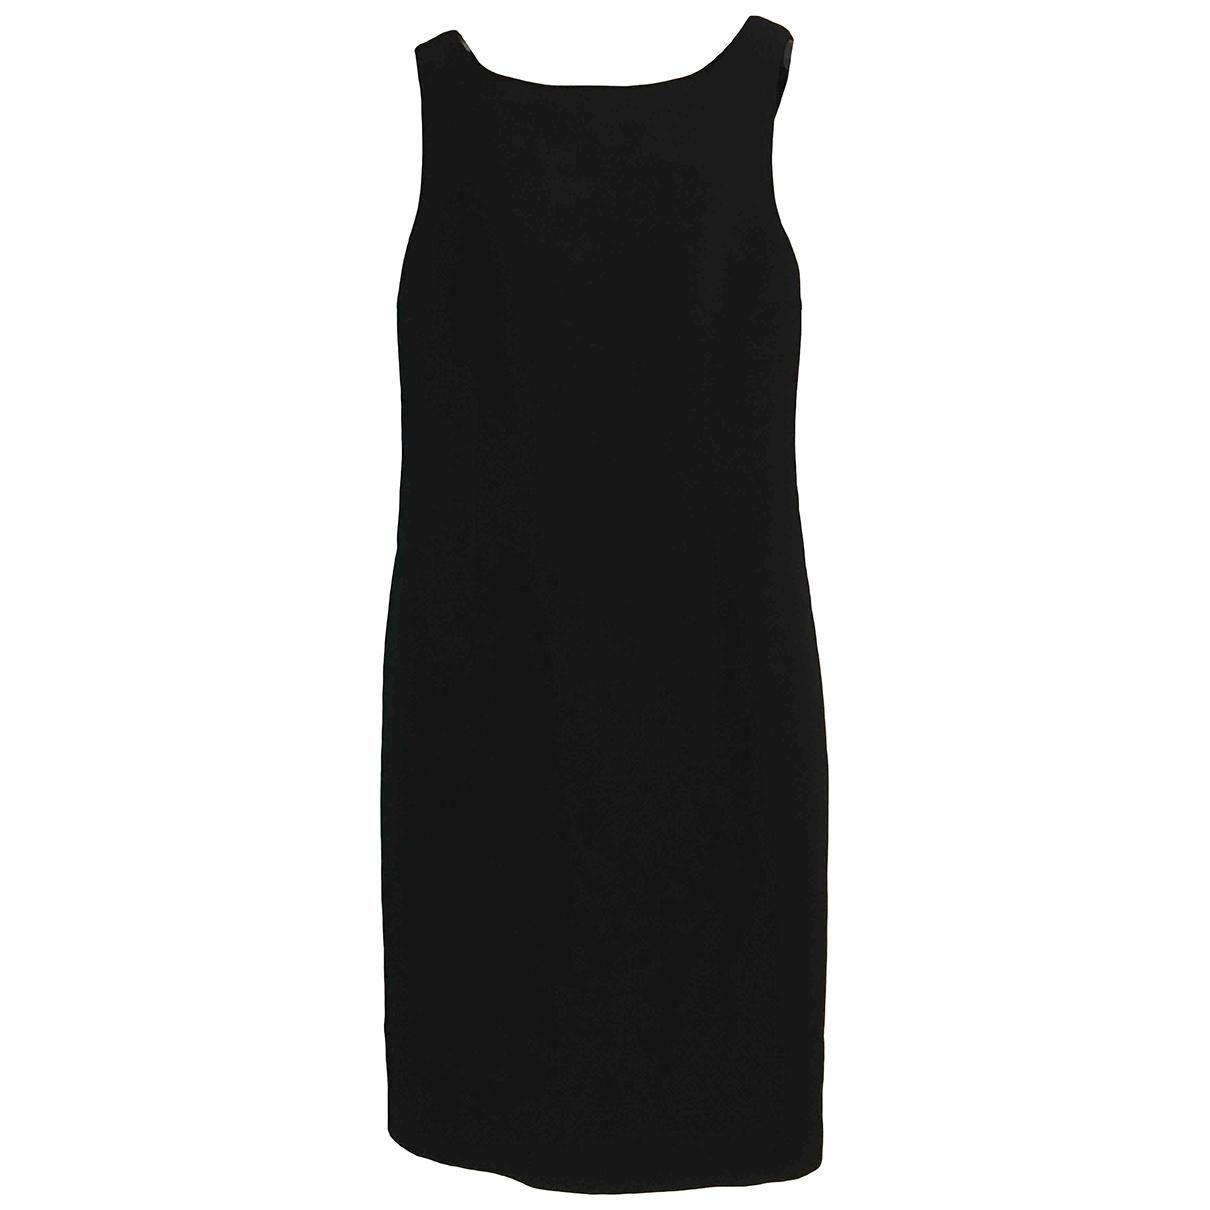 Michael Kors \N Kleid in  Schwarz Wolle